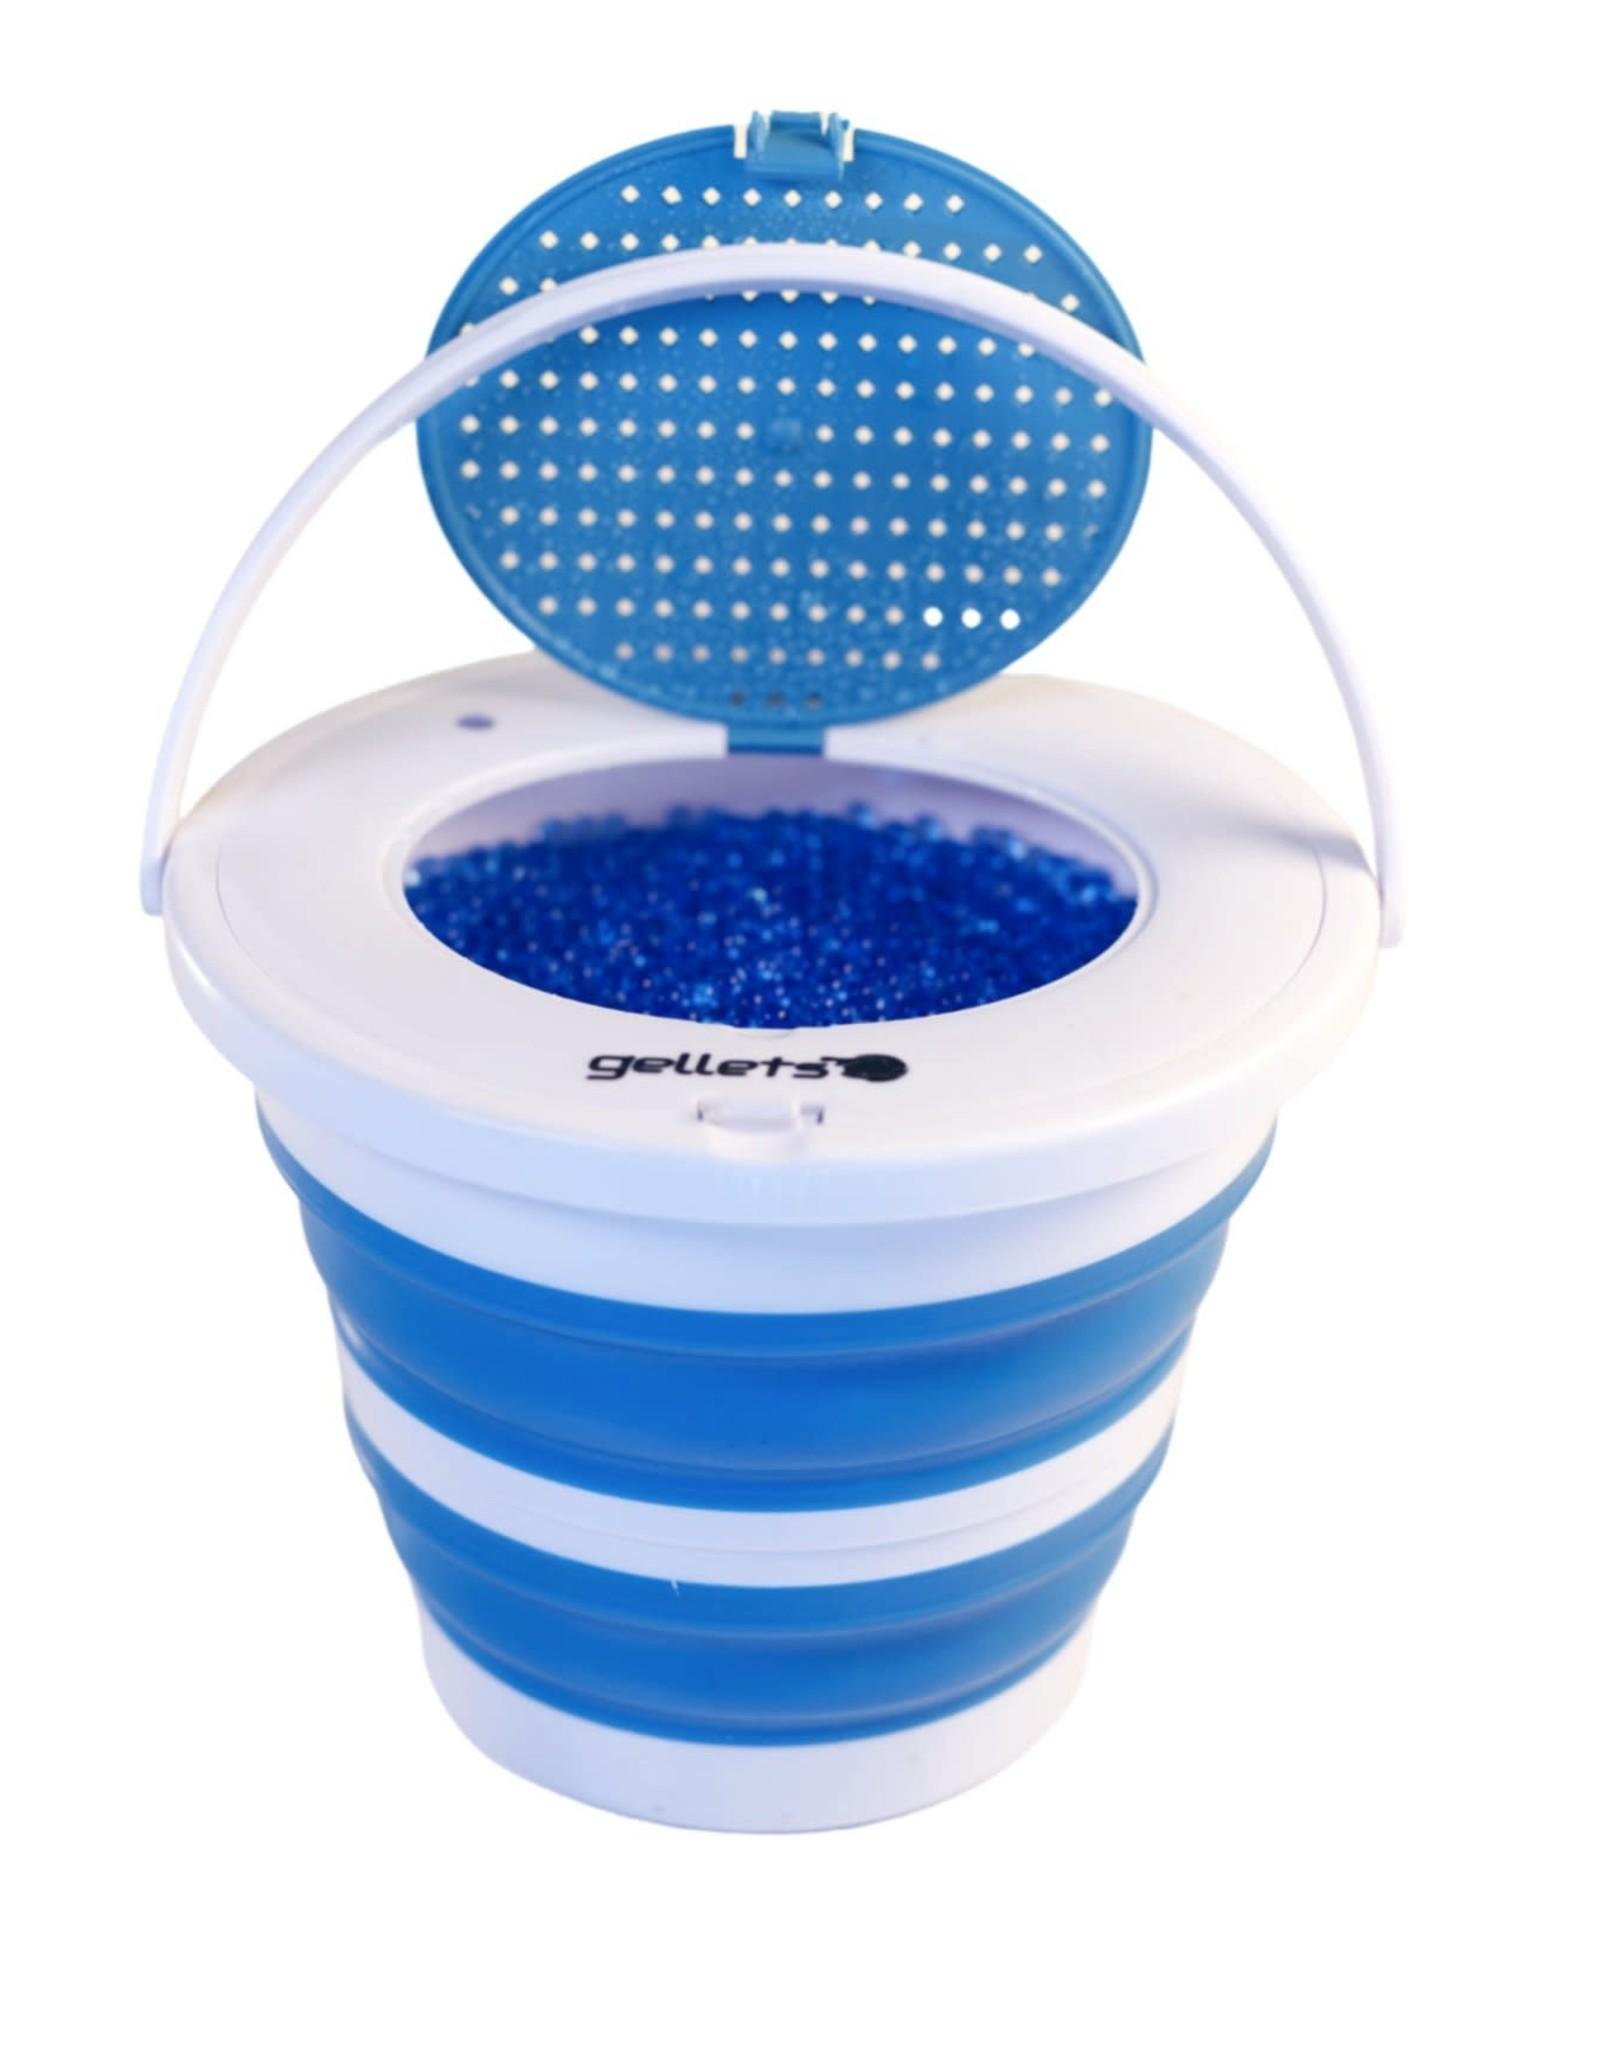 Gel Blaster Collapsible Gellet Tub